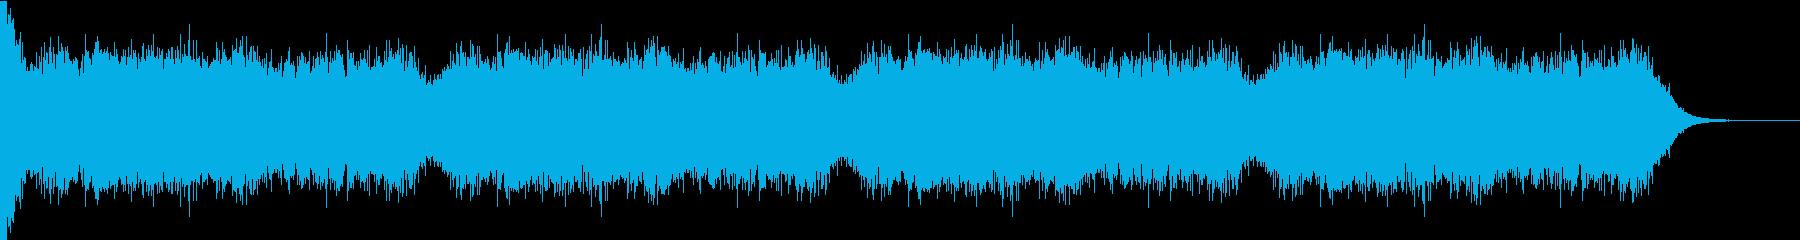 衝撃 ミステリアス ホラー アンビエントの再生済みの波形